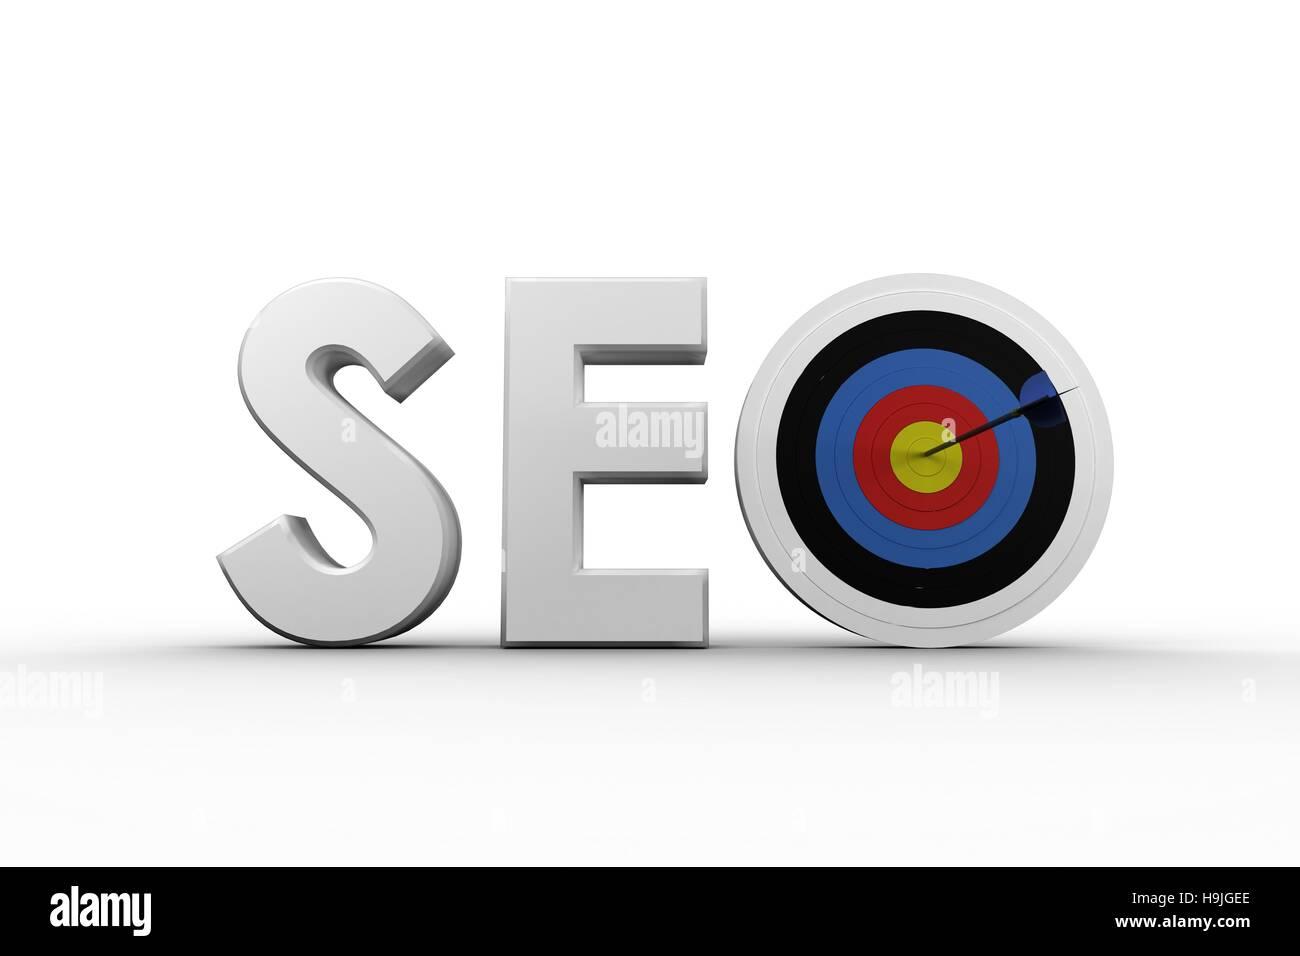 Illustrative image of SEO - Stock Image